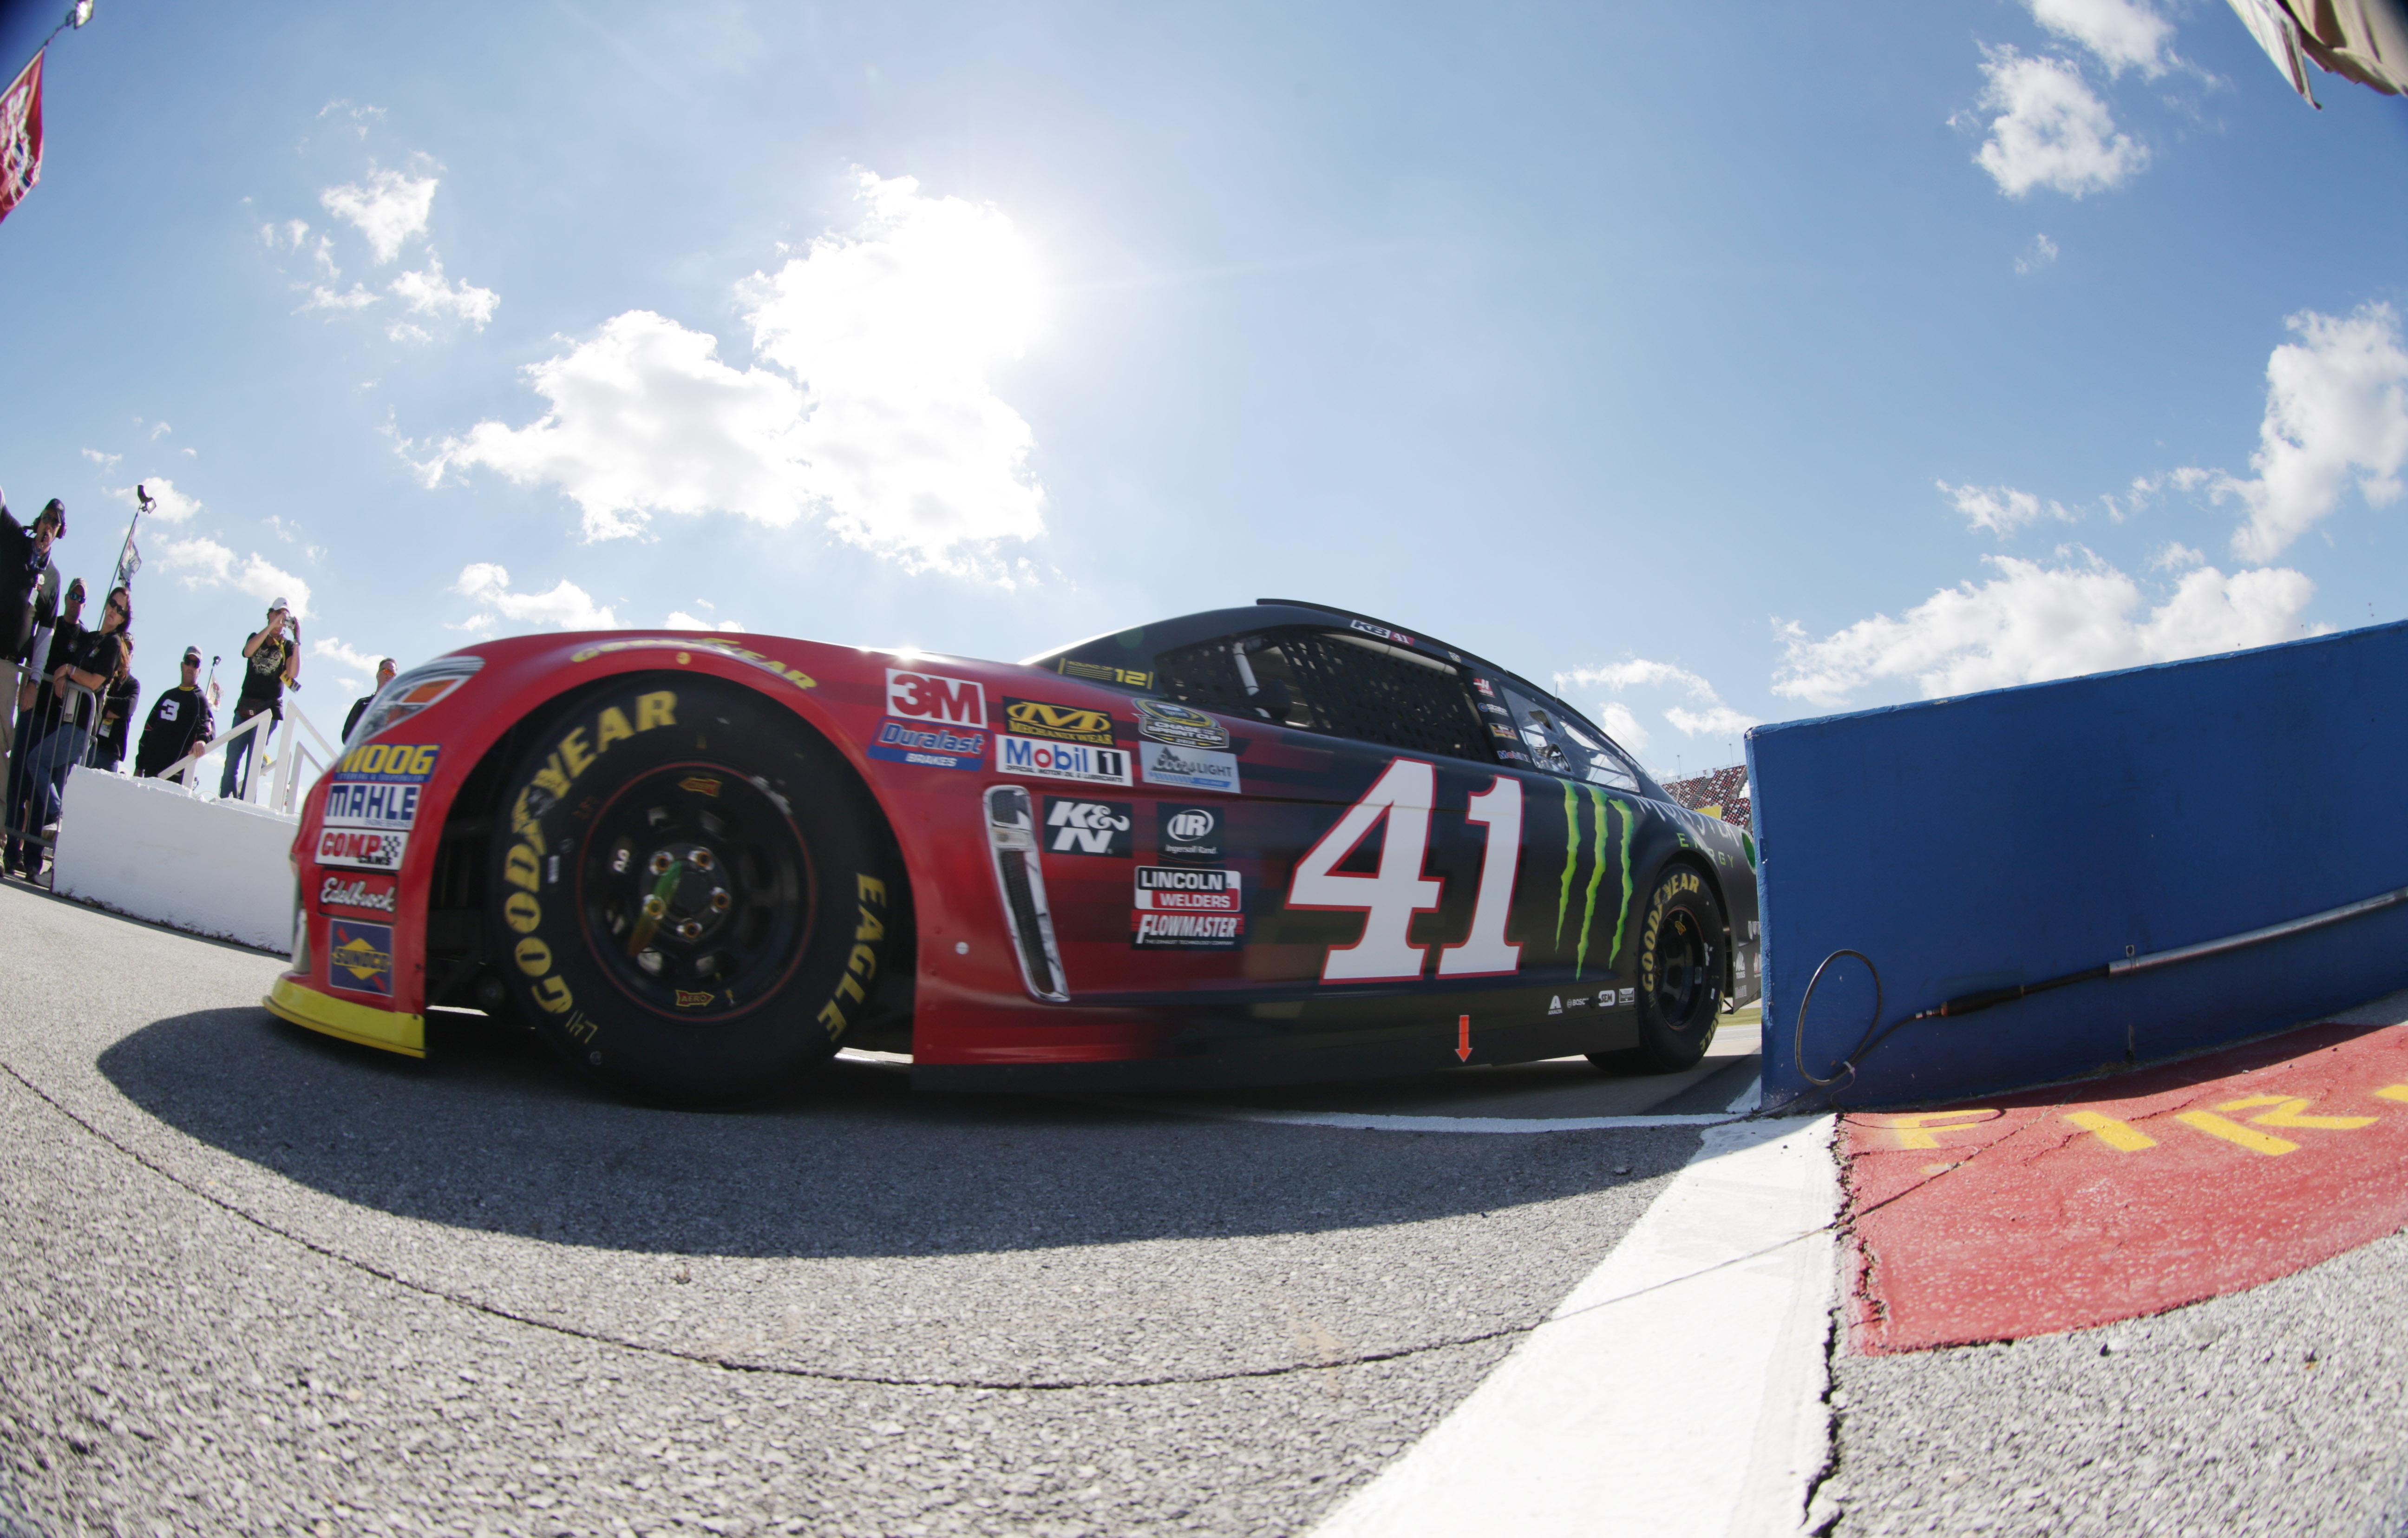 NASCAR: Alabama 500-Practice